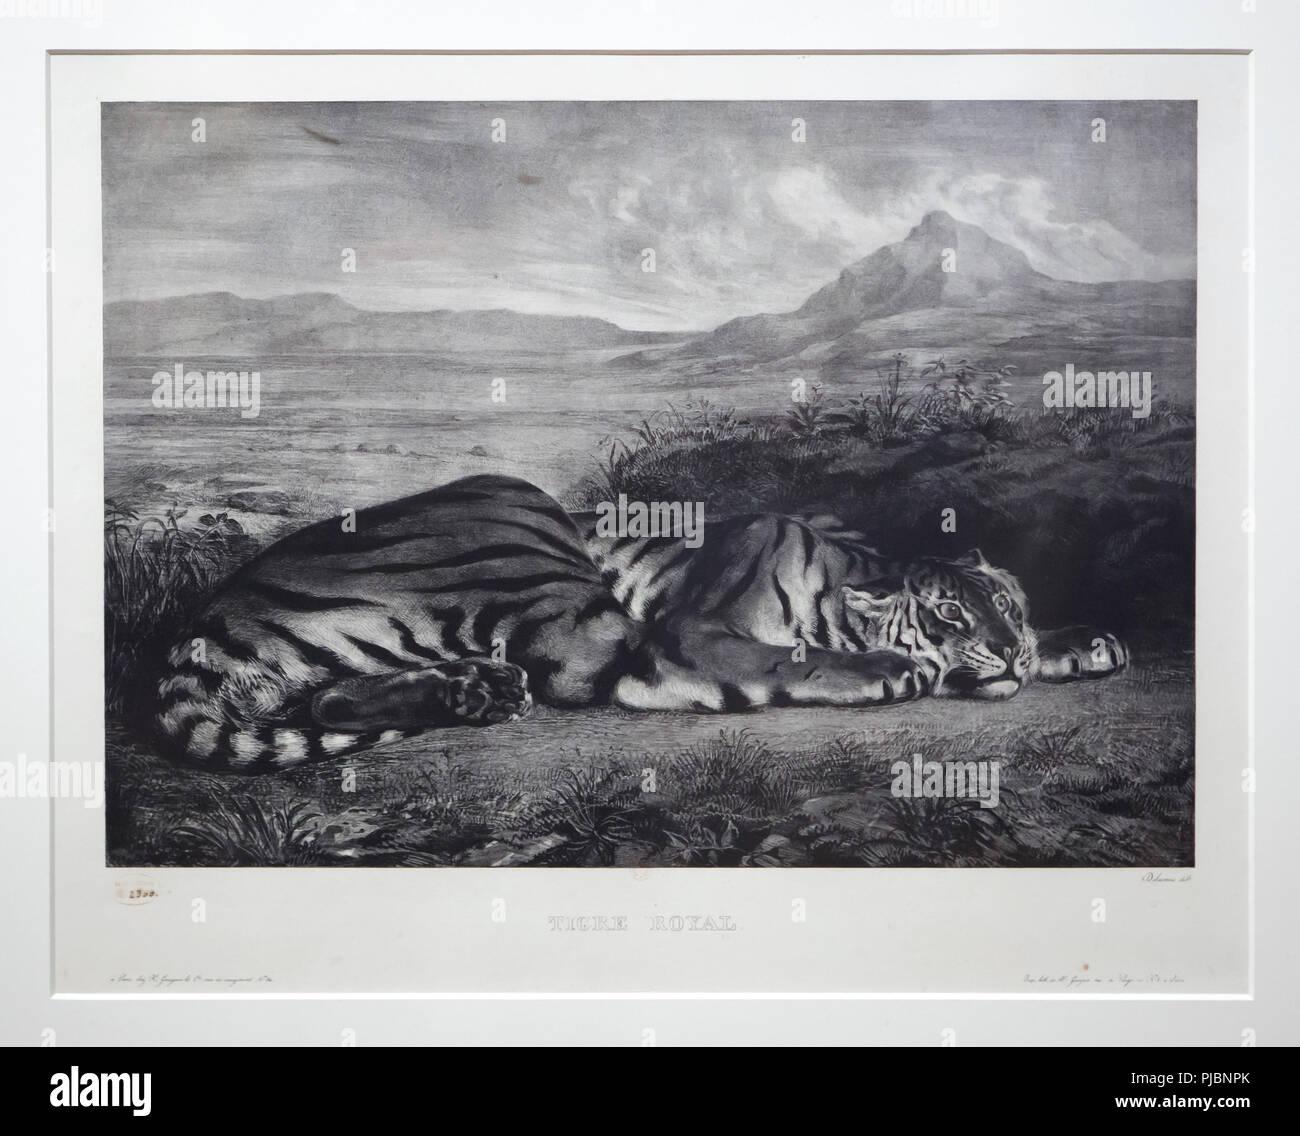 """Die Lithographie """"Royal Tiger' (1829-1830) des Französischen romantischen Künstler Eugène Delacroix angezeigt an seiner Retrospektive im Musée du Louvre in Paris, Frankreich. Die Ausstellung, die Meisterwerke der Führer der französischen Romantik läuft bis 23. Juli 2018. Stockbild"""